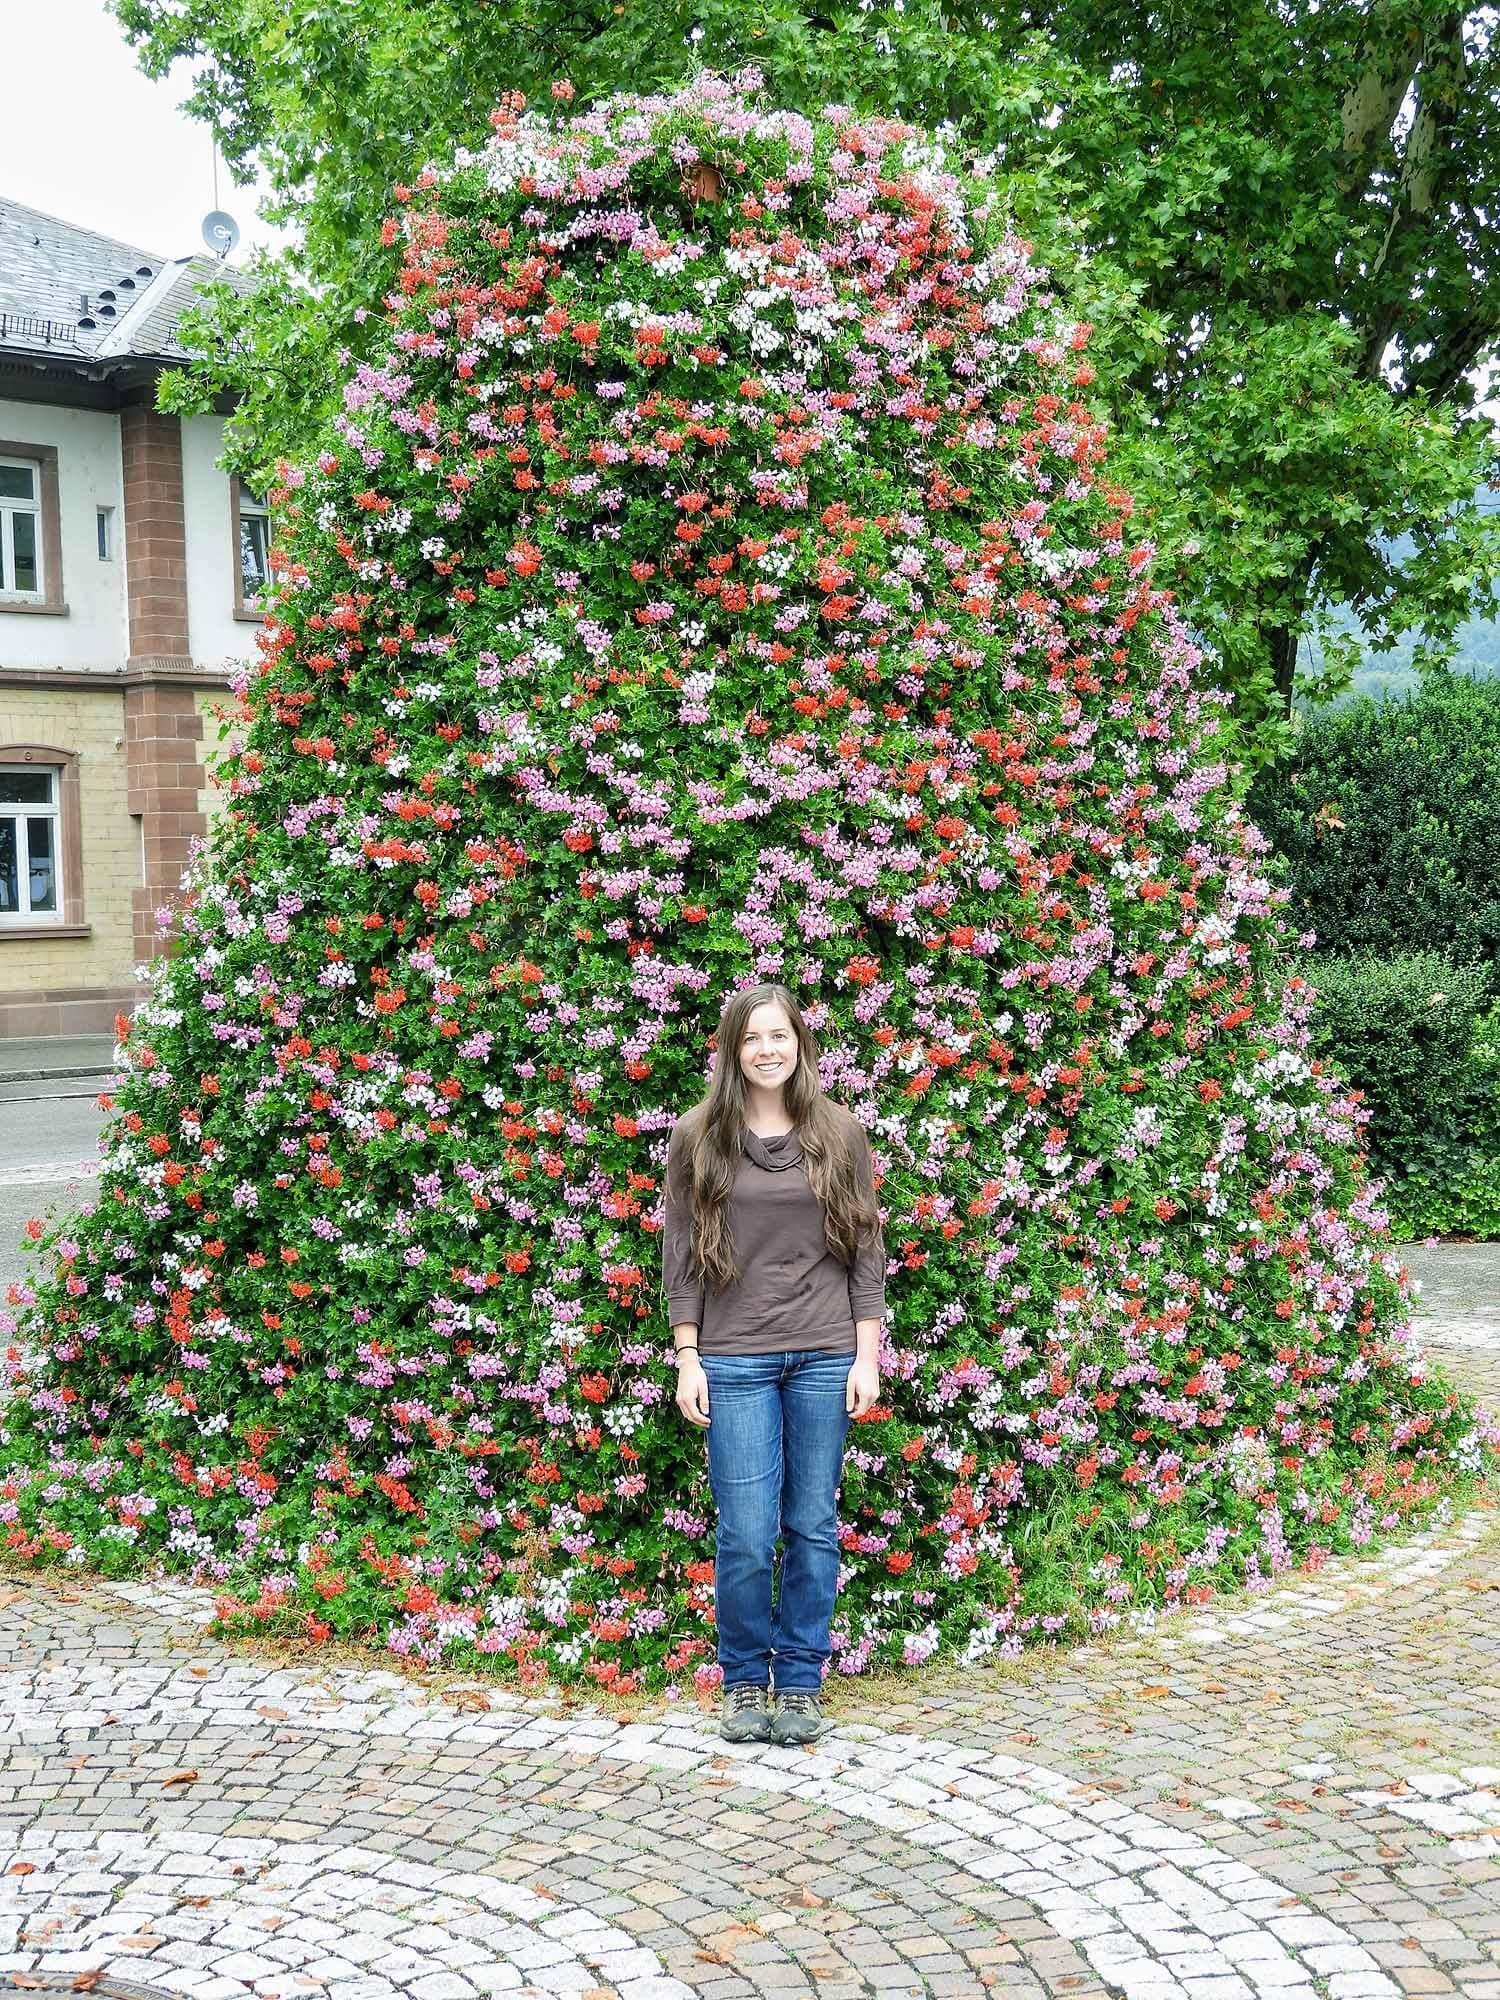 germany-bad-sackingen-flower-tower.jpg